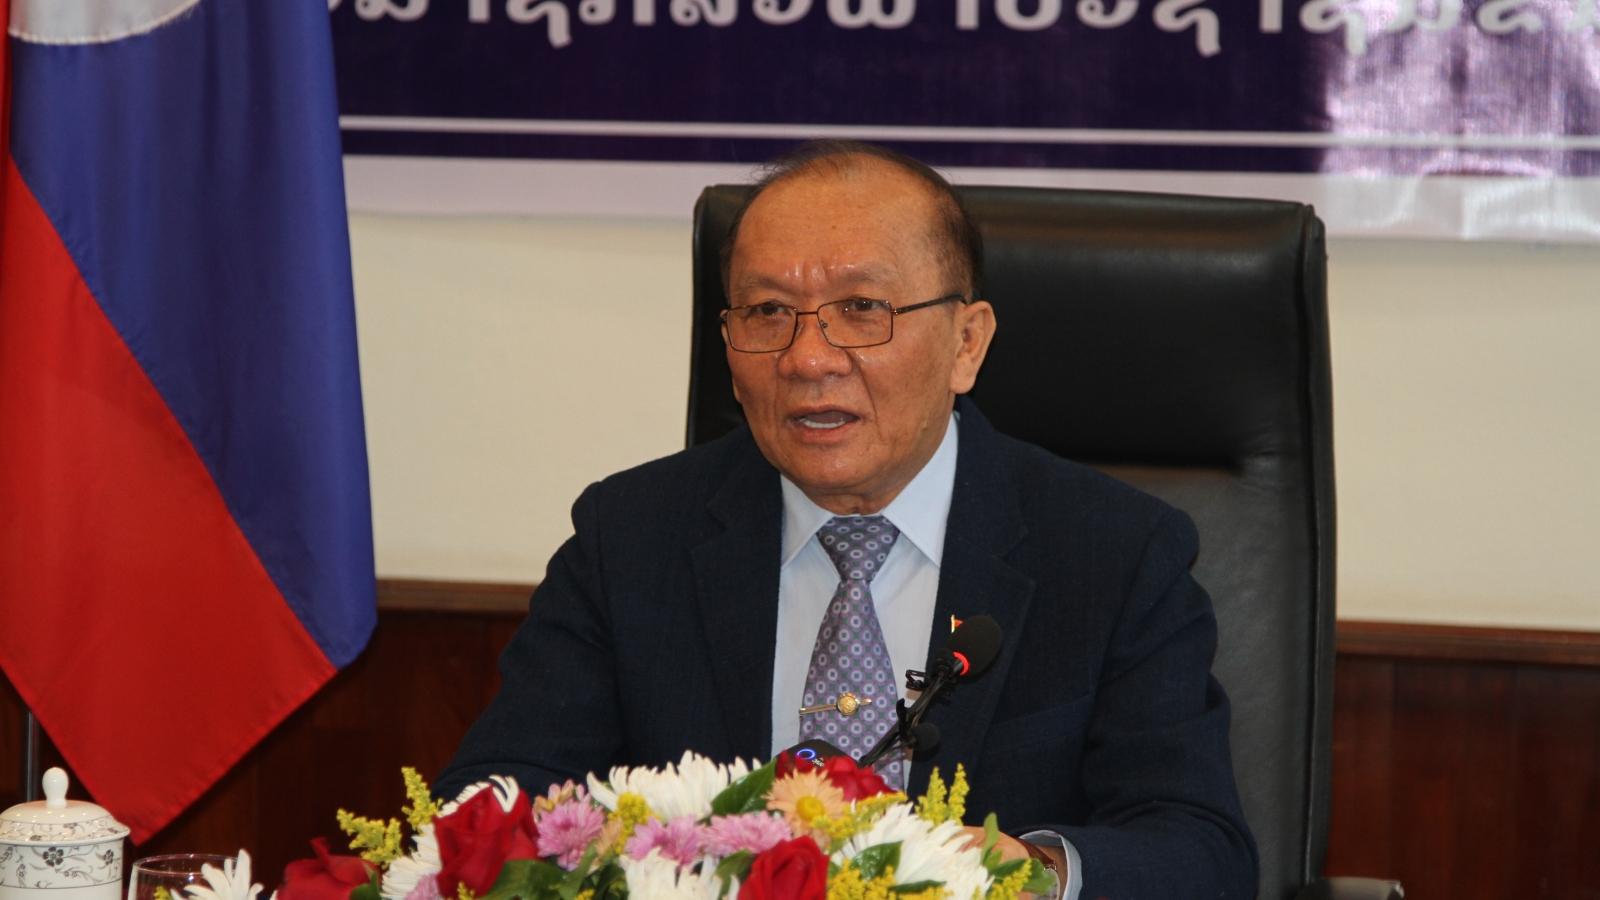 Lào công bố kết quả bầu cử Đại biểu quốc hội khóa IX